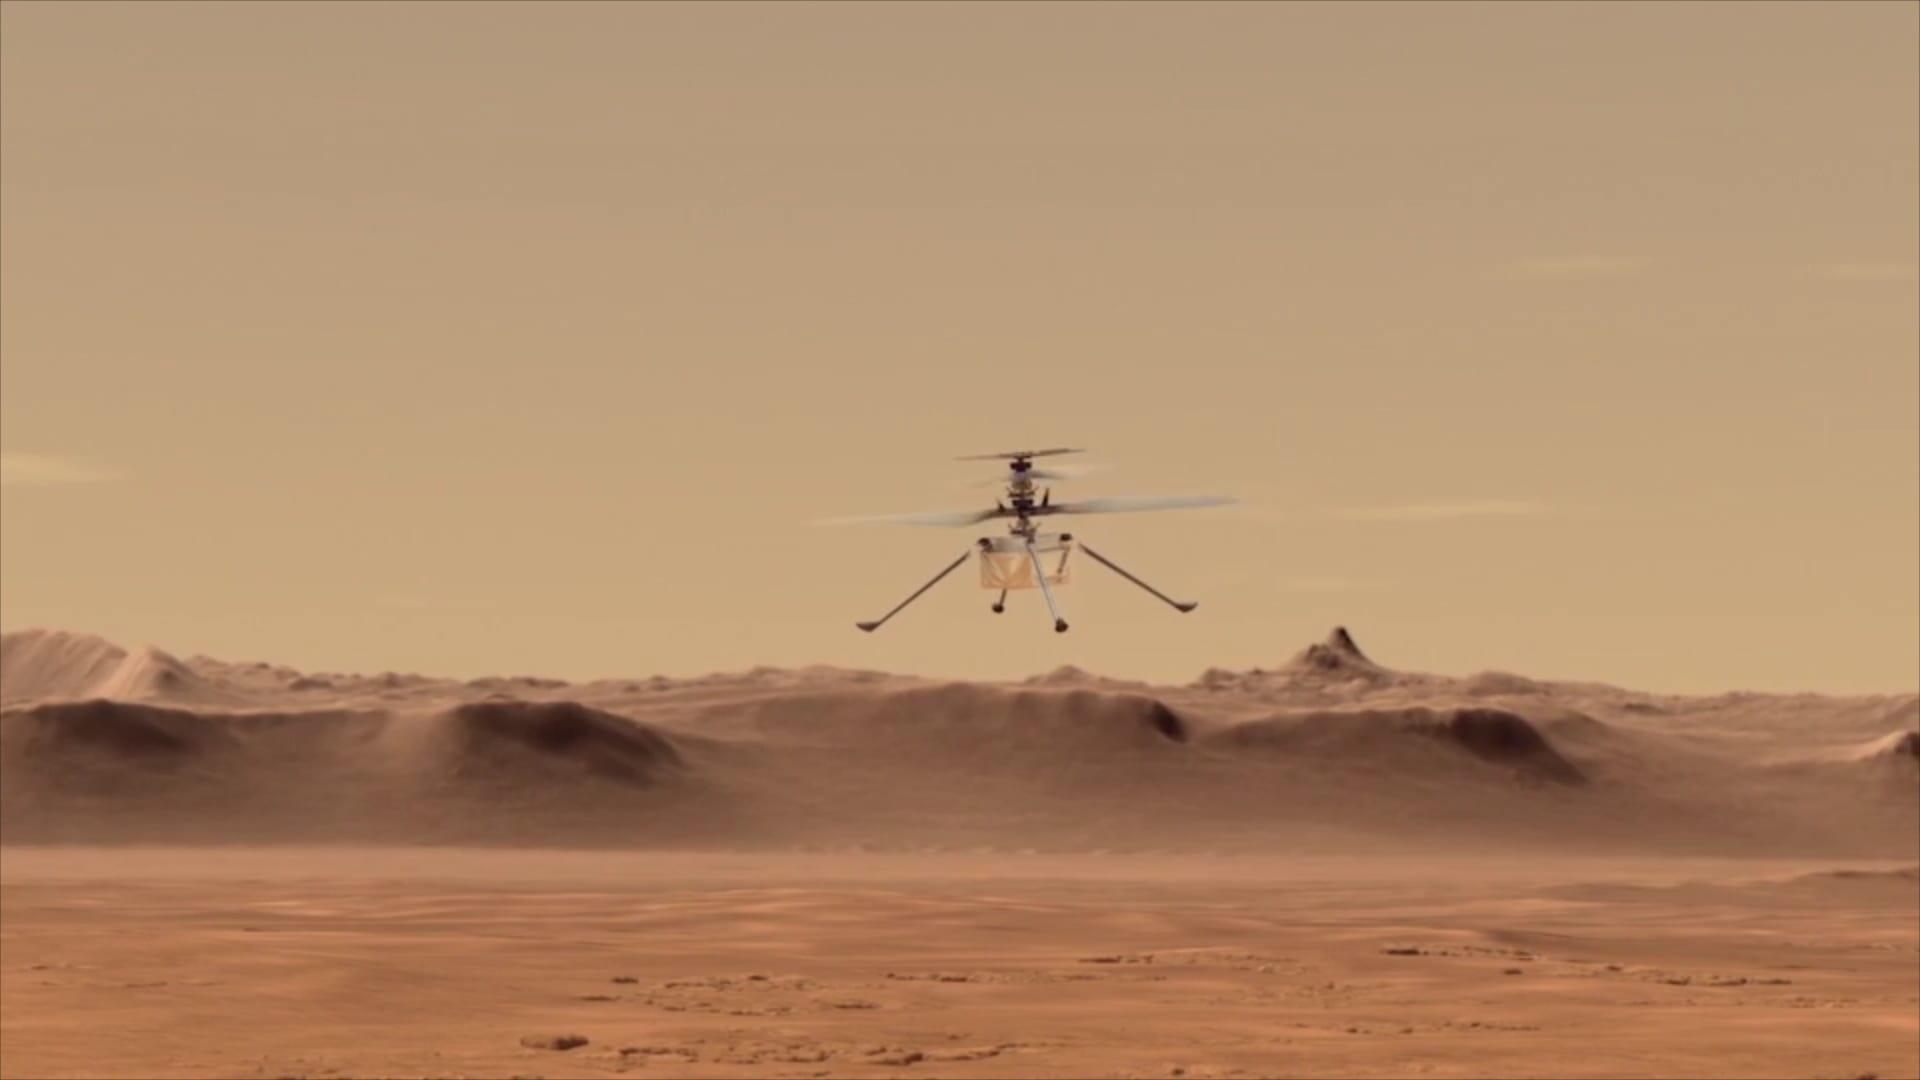 مروحية ناسا الصغيرة جاهزة لتسجيل التاريخ على كوكب المريخ